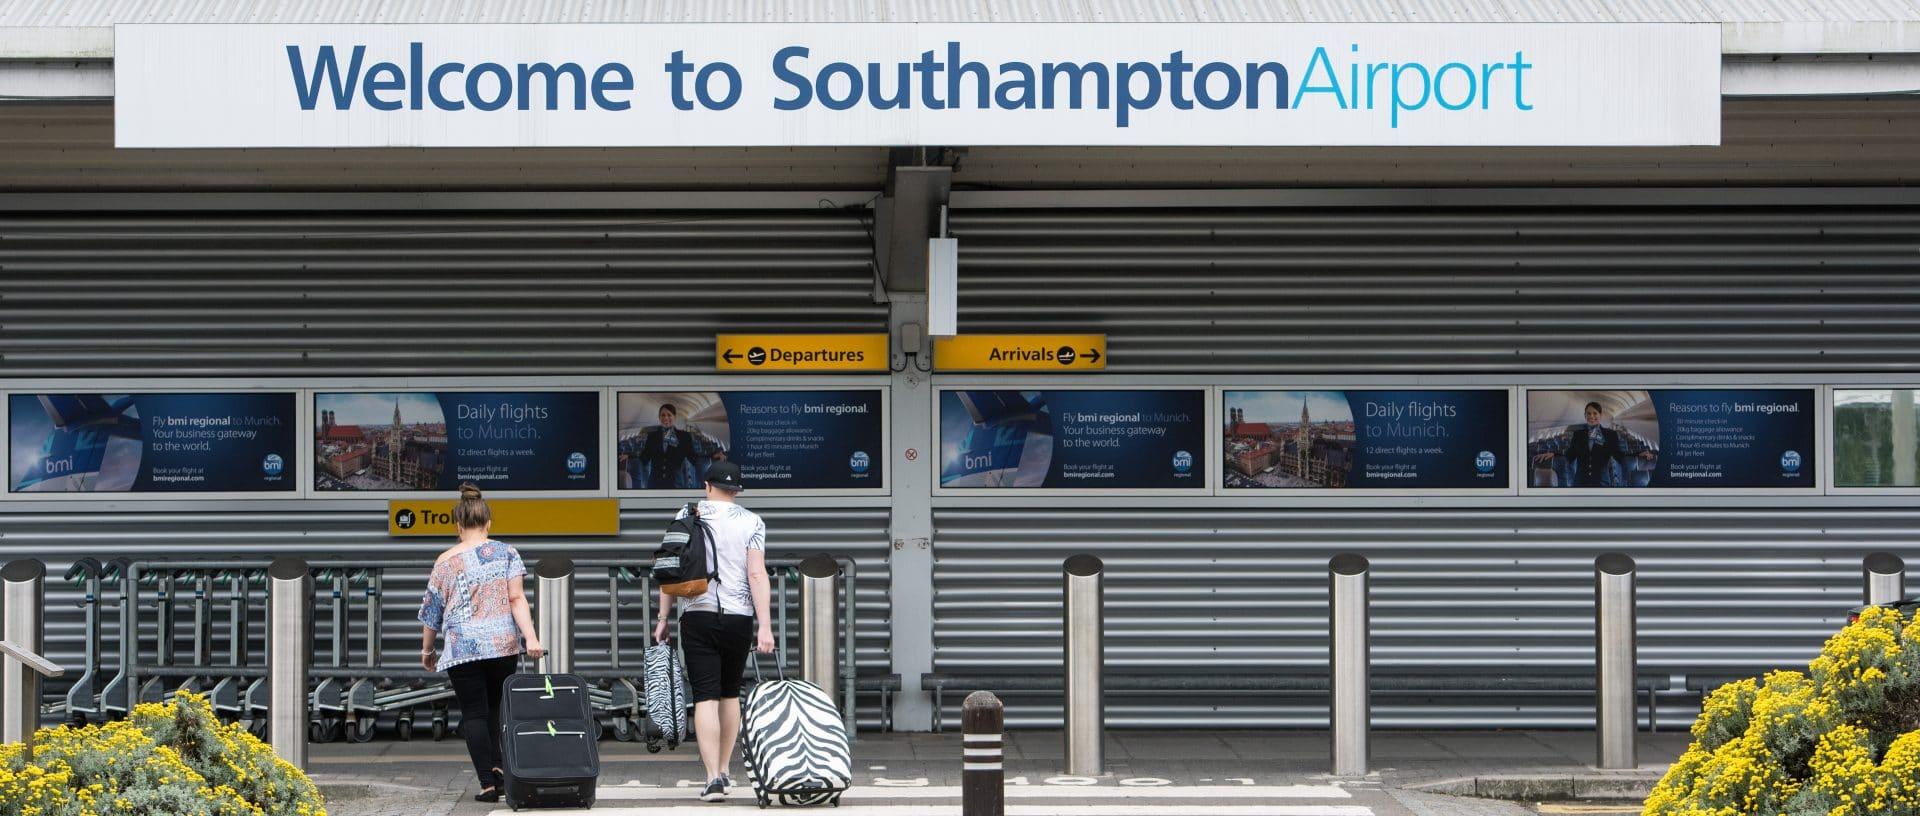 Imagen de dos personas llegando al aeropuerto de Southampton